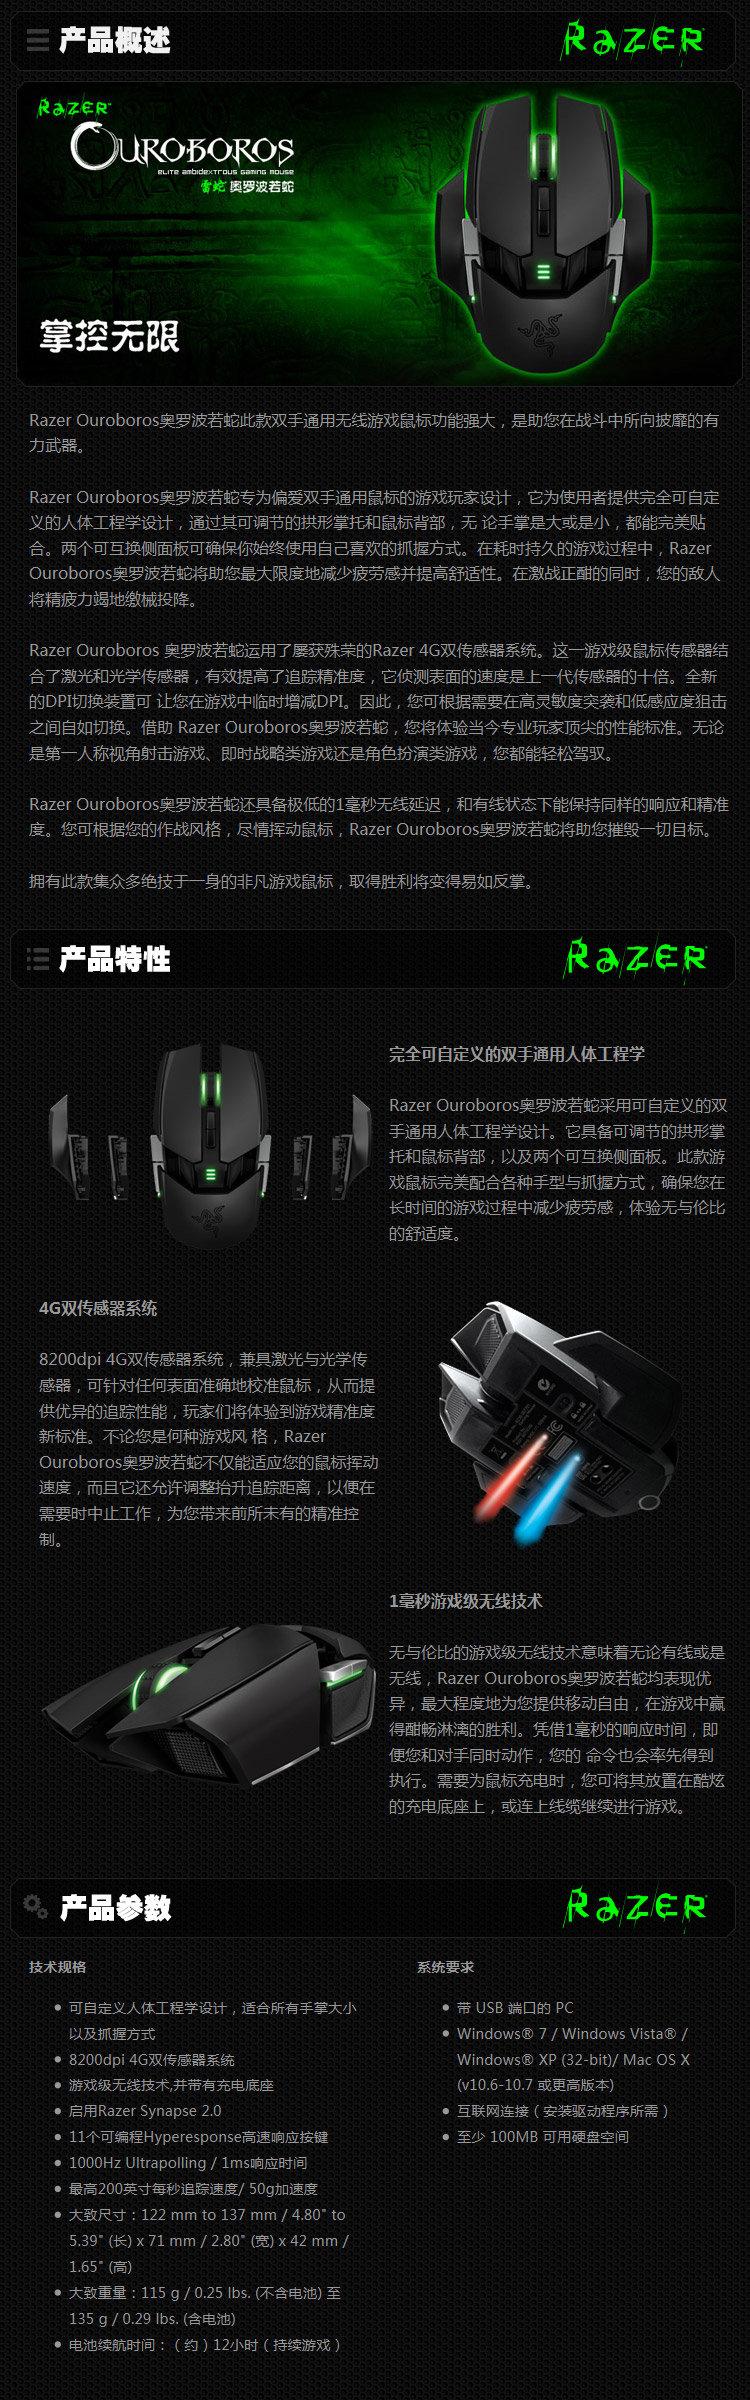 razer ouroboros奥罗波若蛇此款双手通用无线游戏鼠标功能强大,是助您